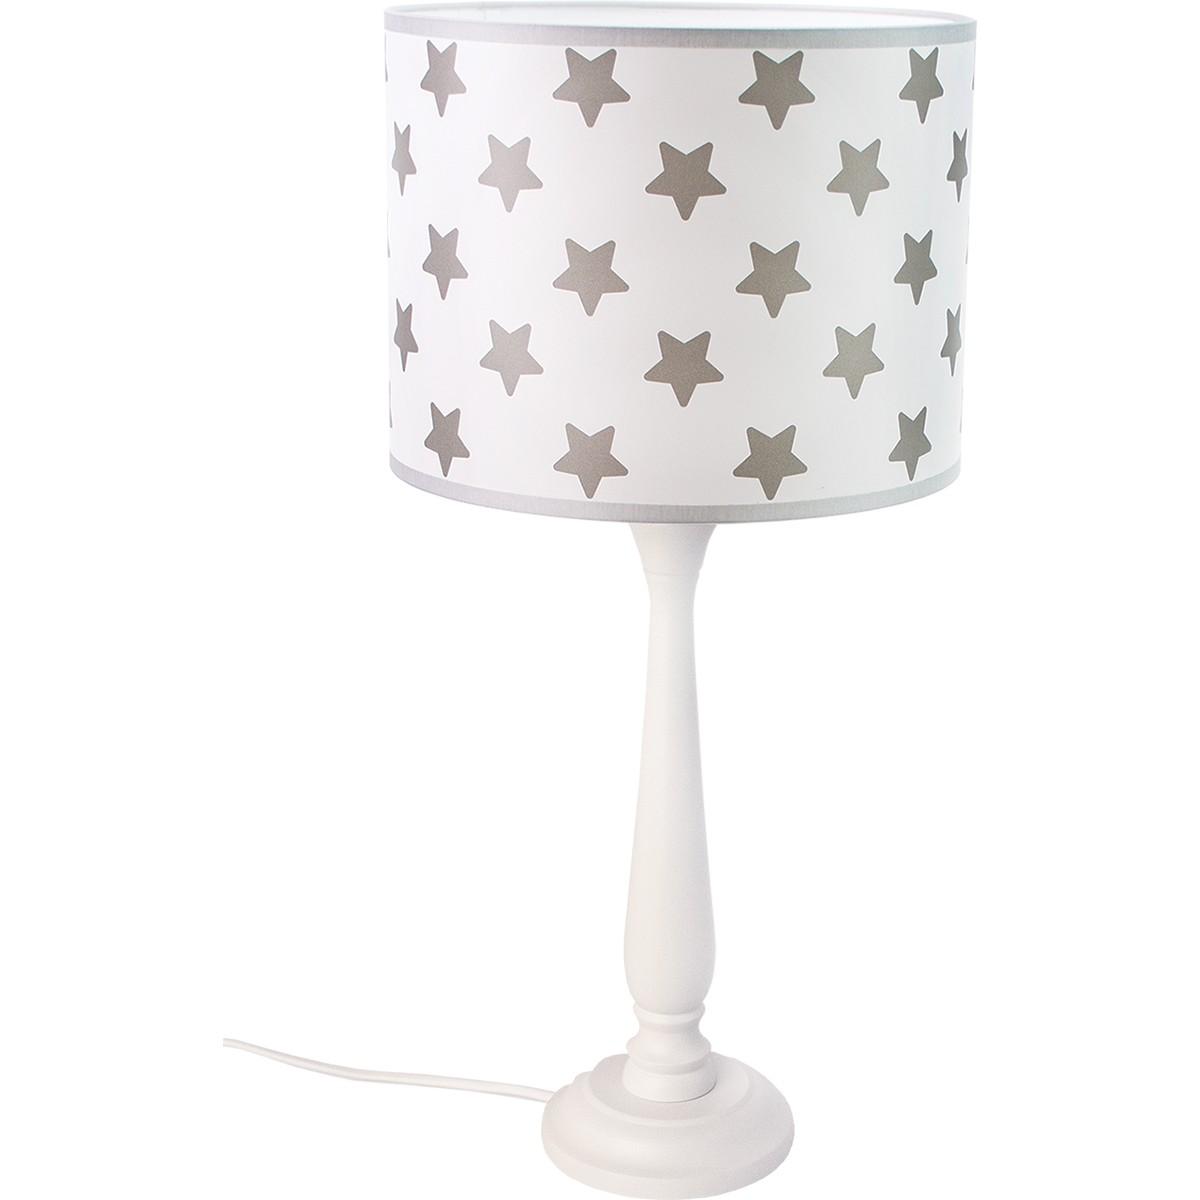 Tischlampe für Kinder  - BERTA (Sterne)